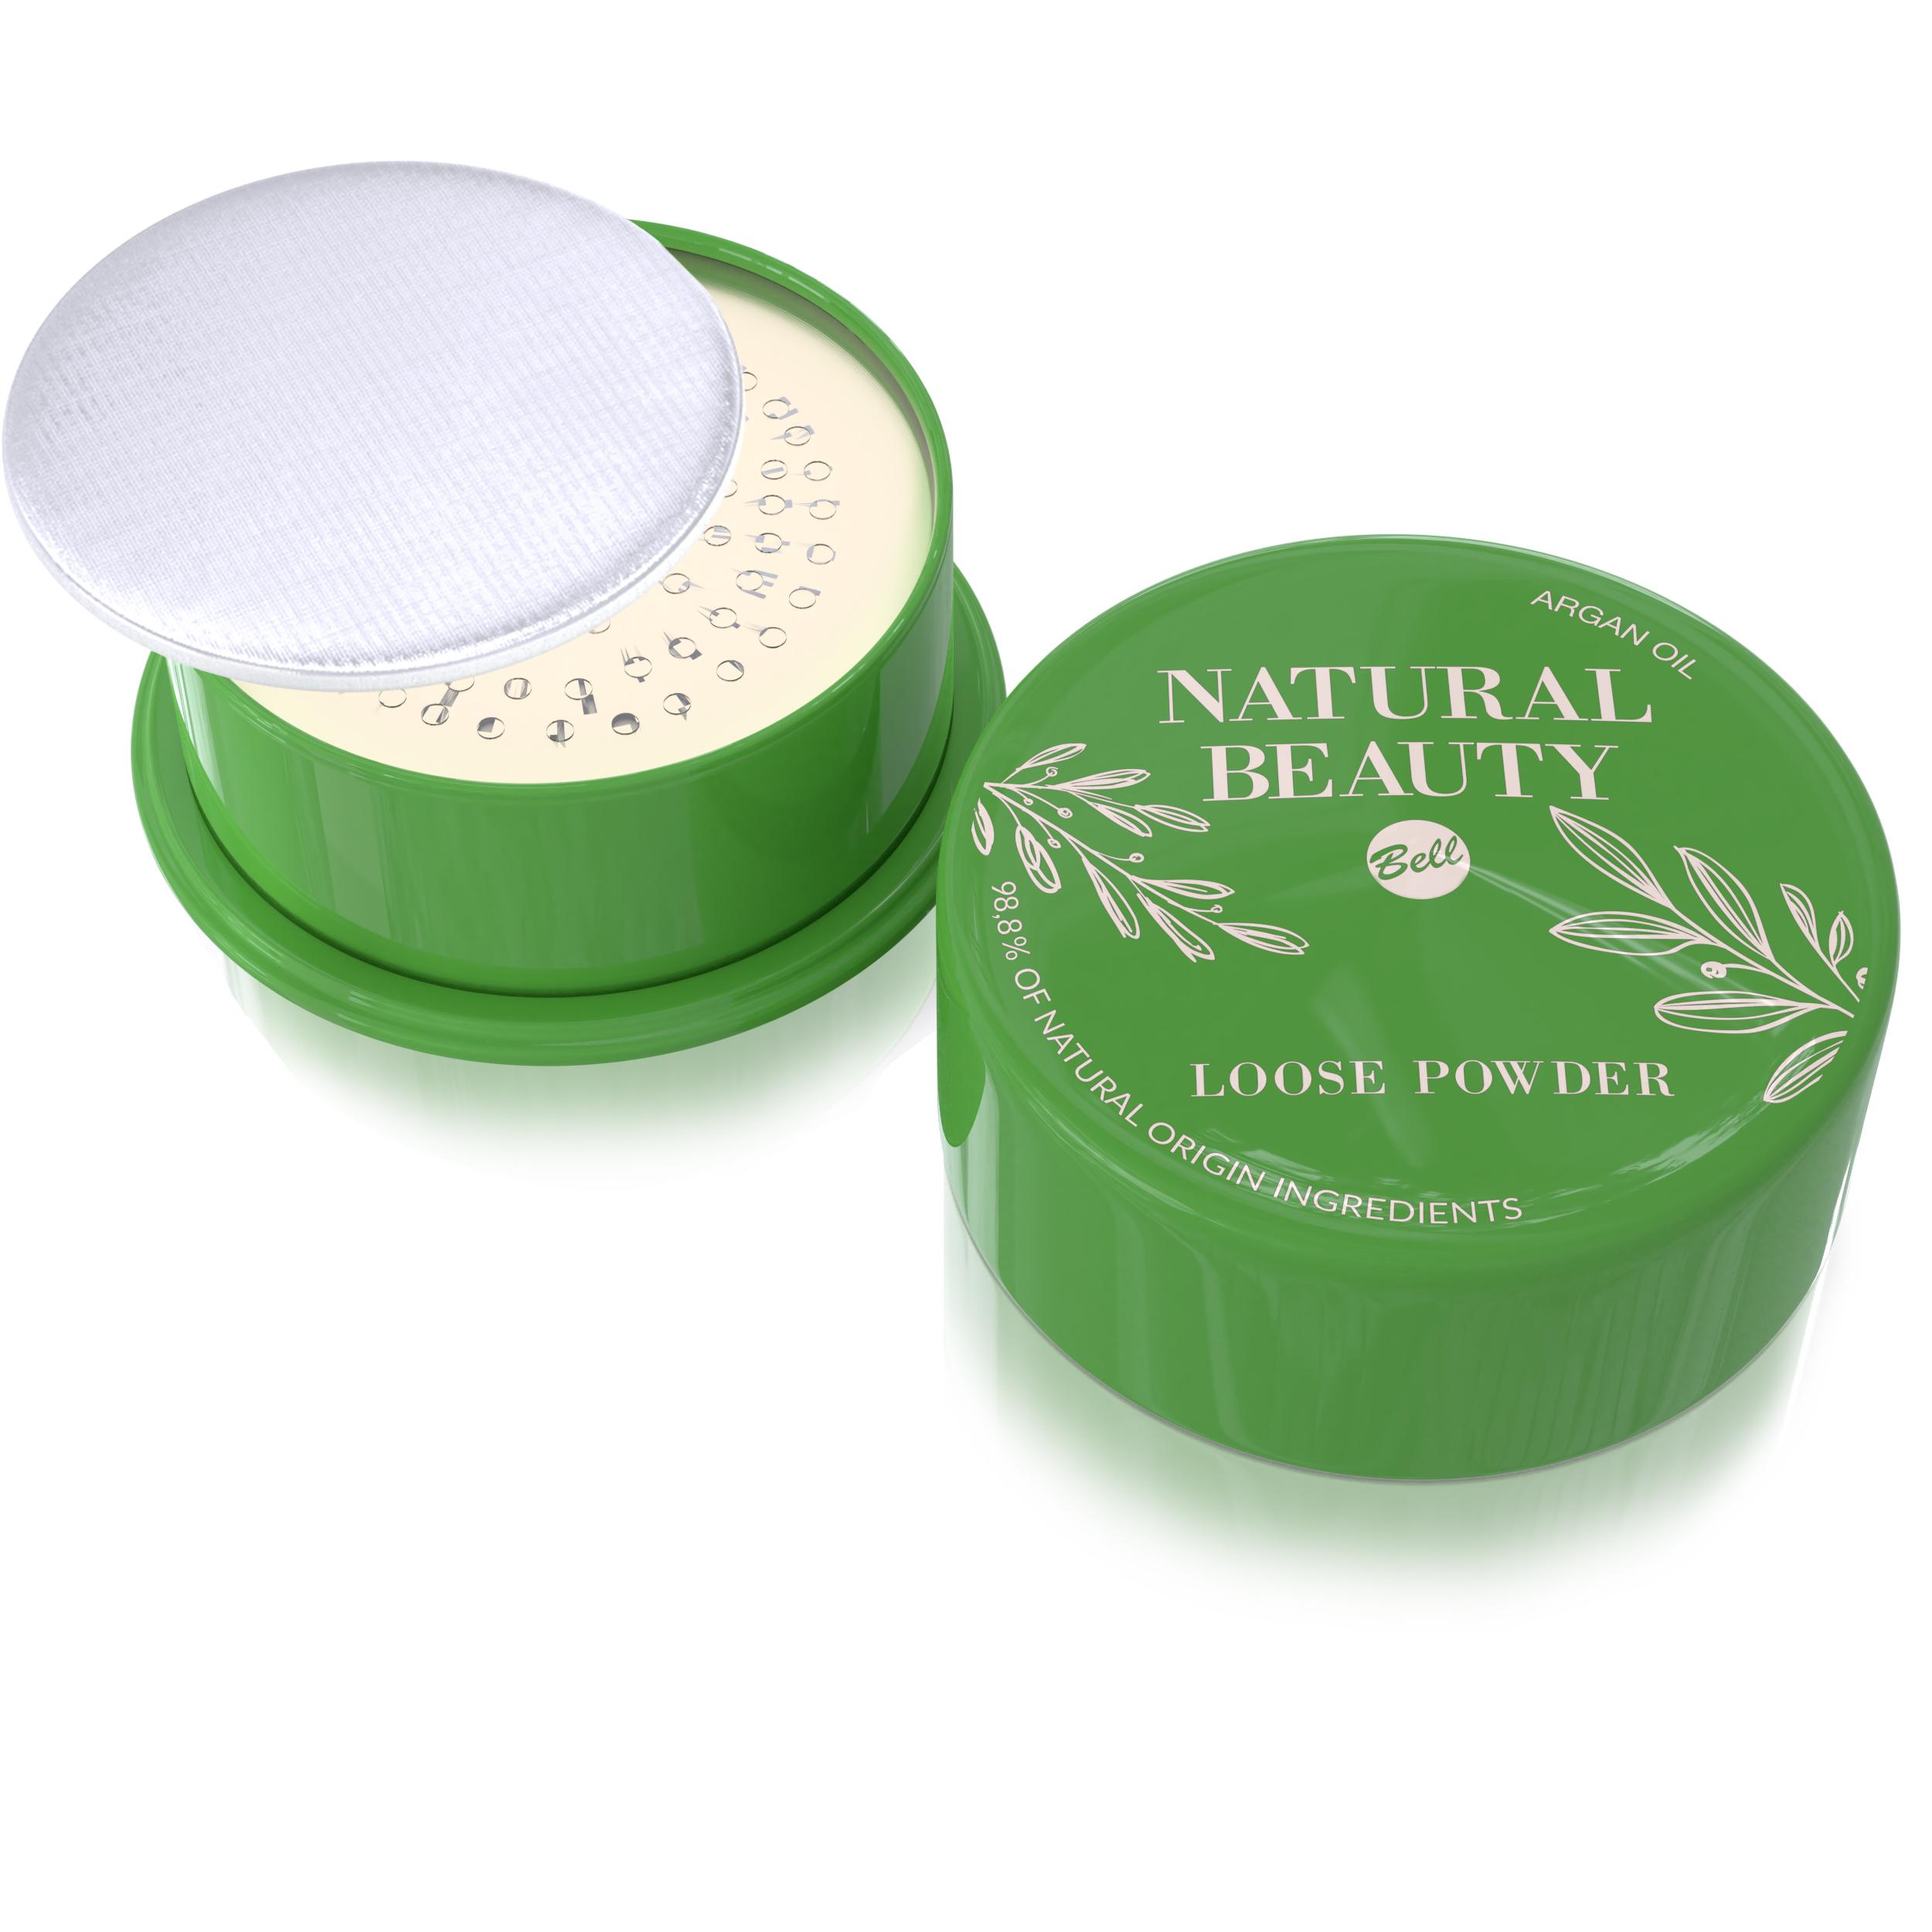 Natural Beauty Loose Powder